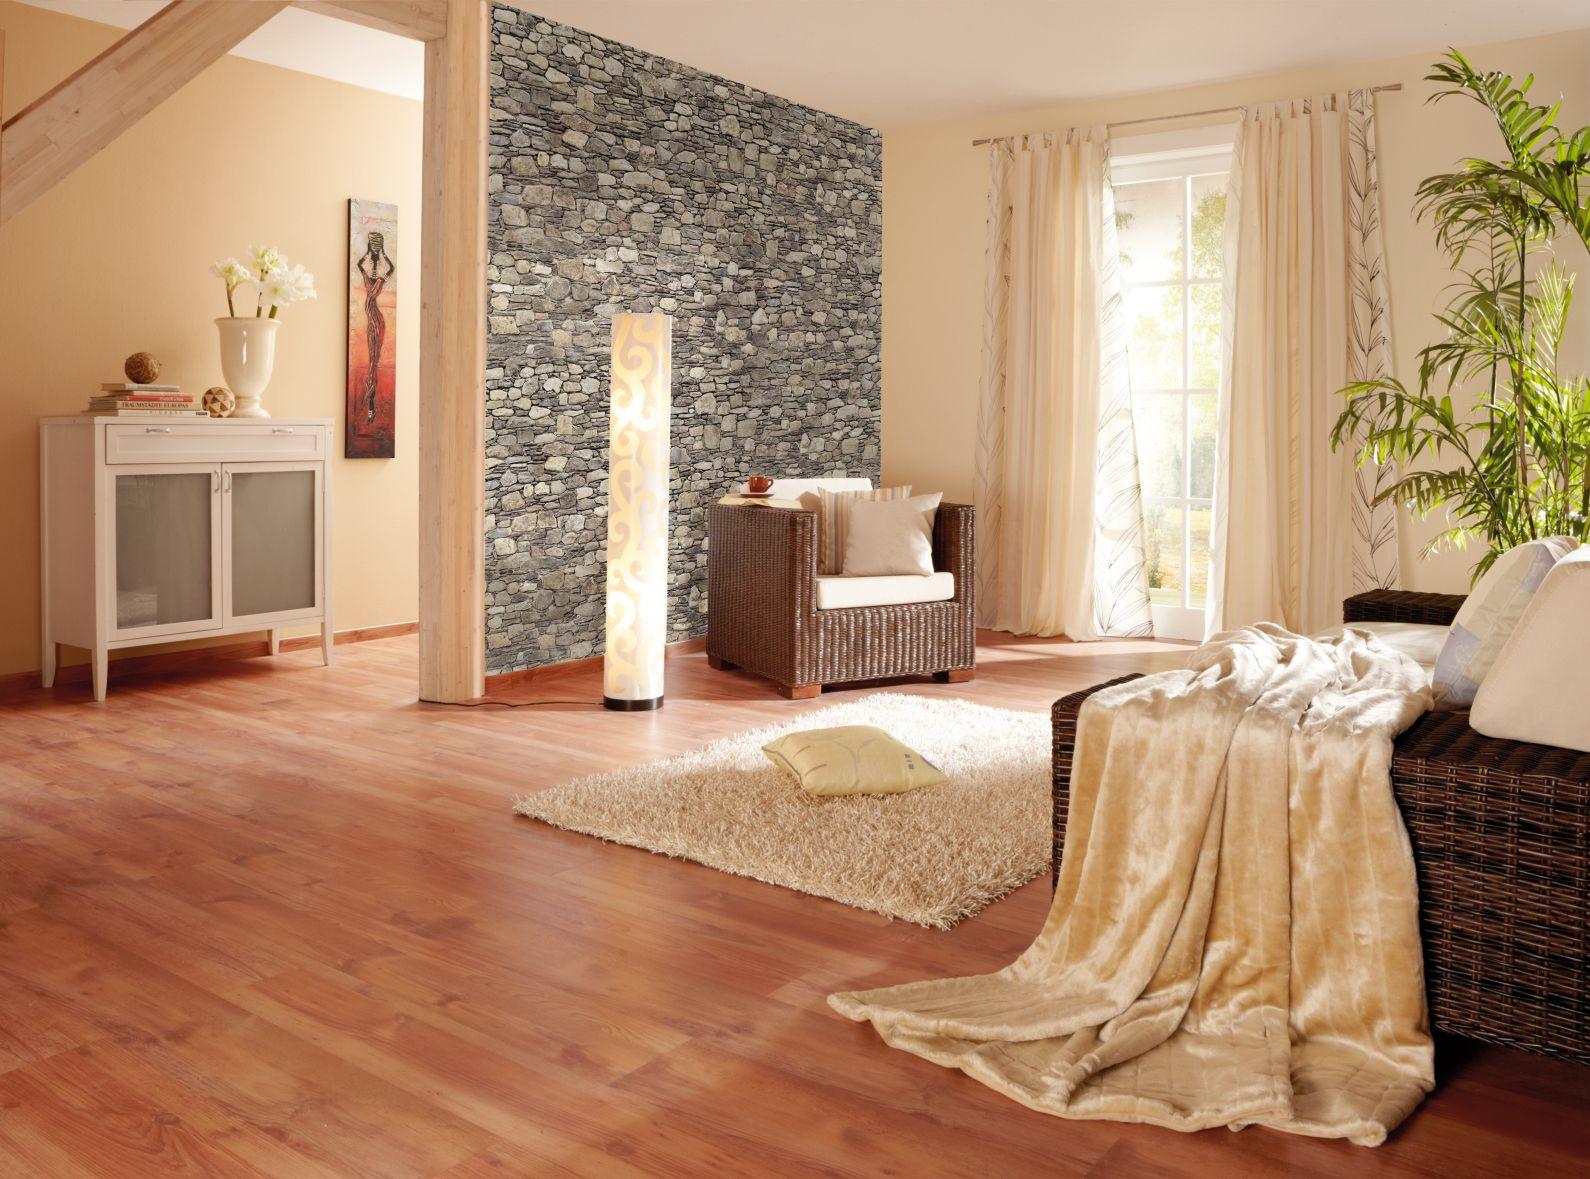 Hochwertig #natur #beige #Wohnzimmer #Steintapete #Laminat